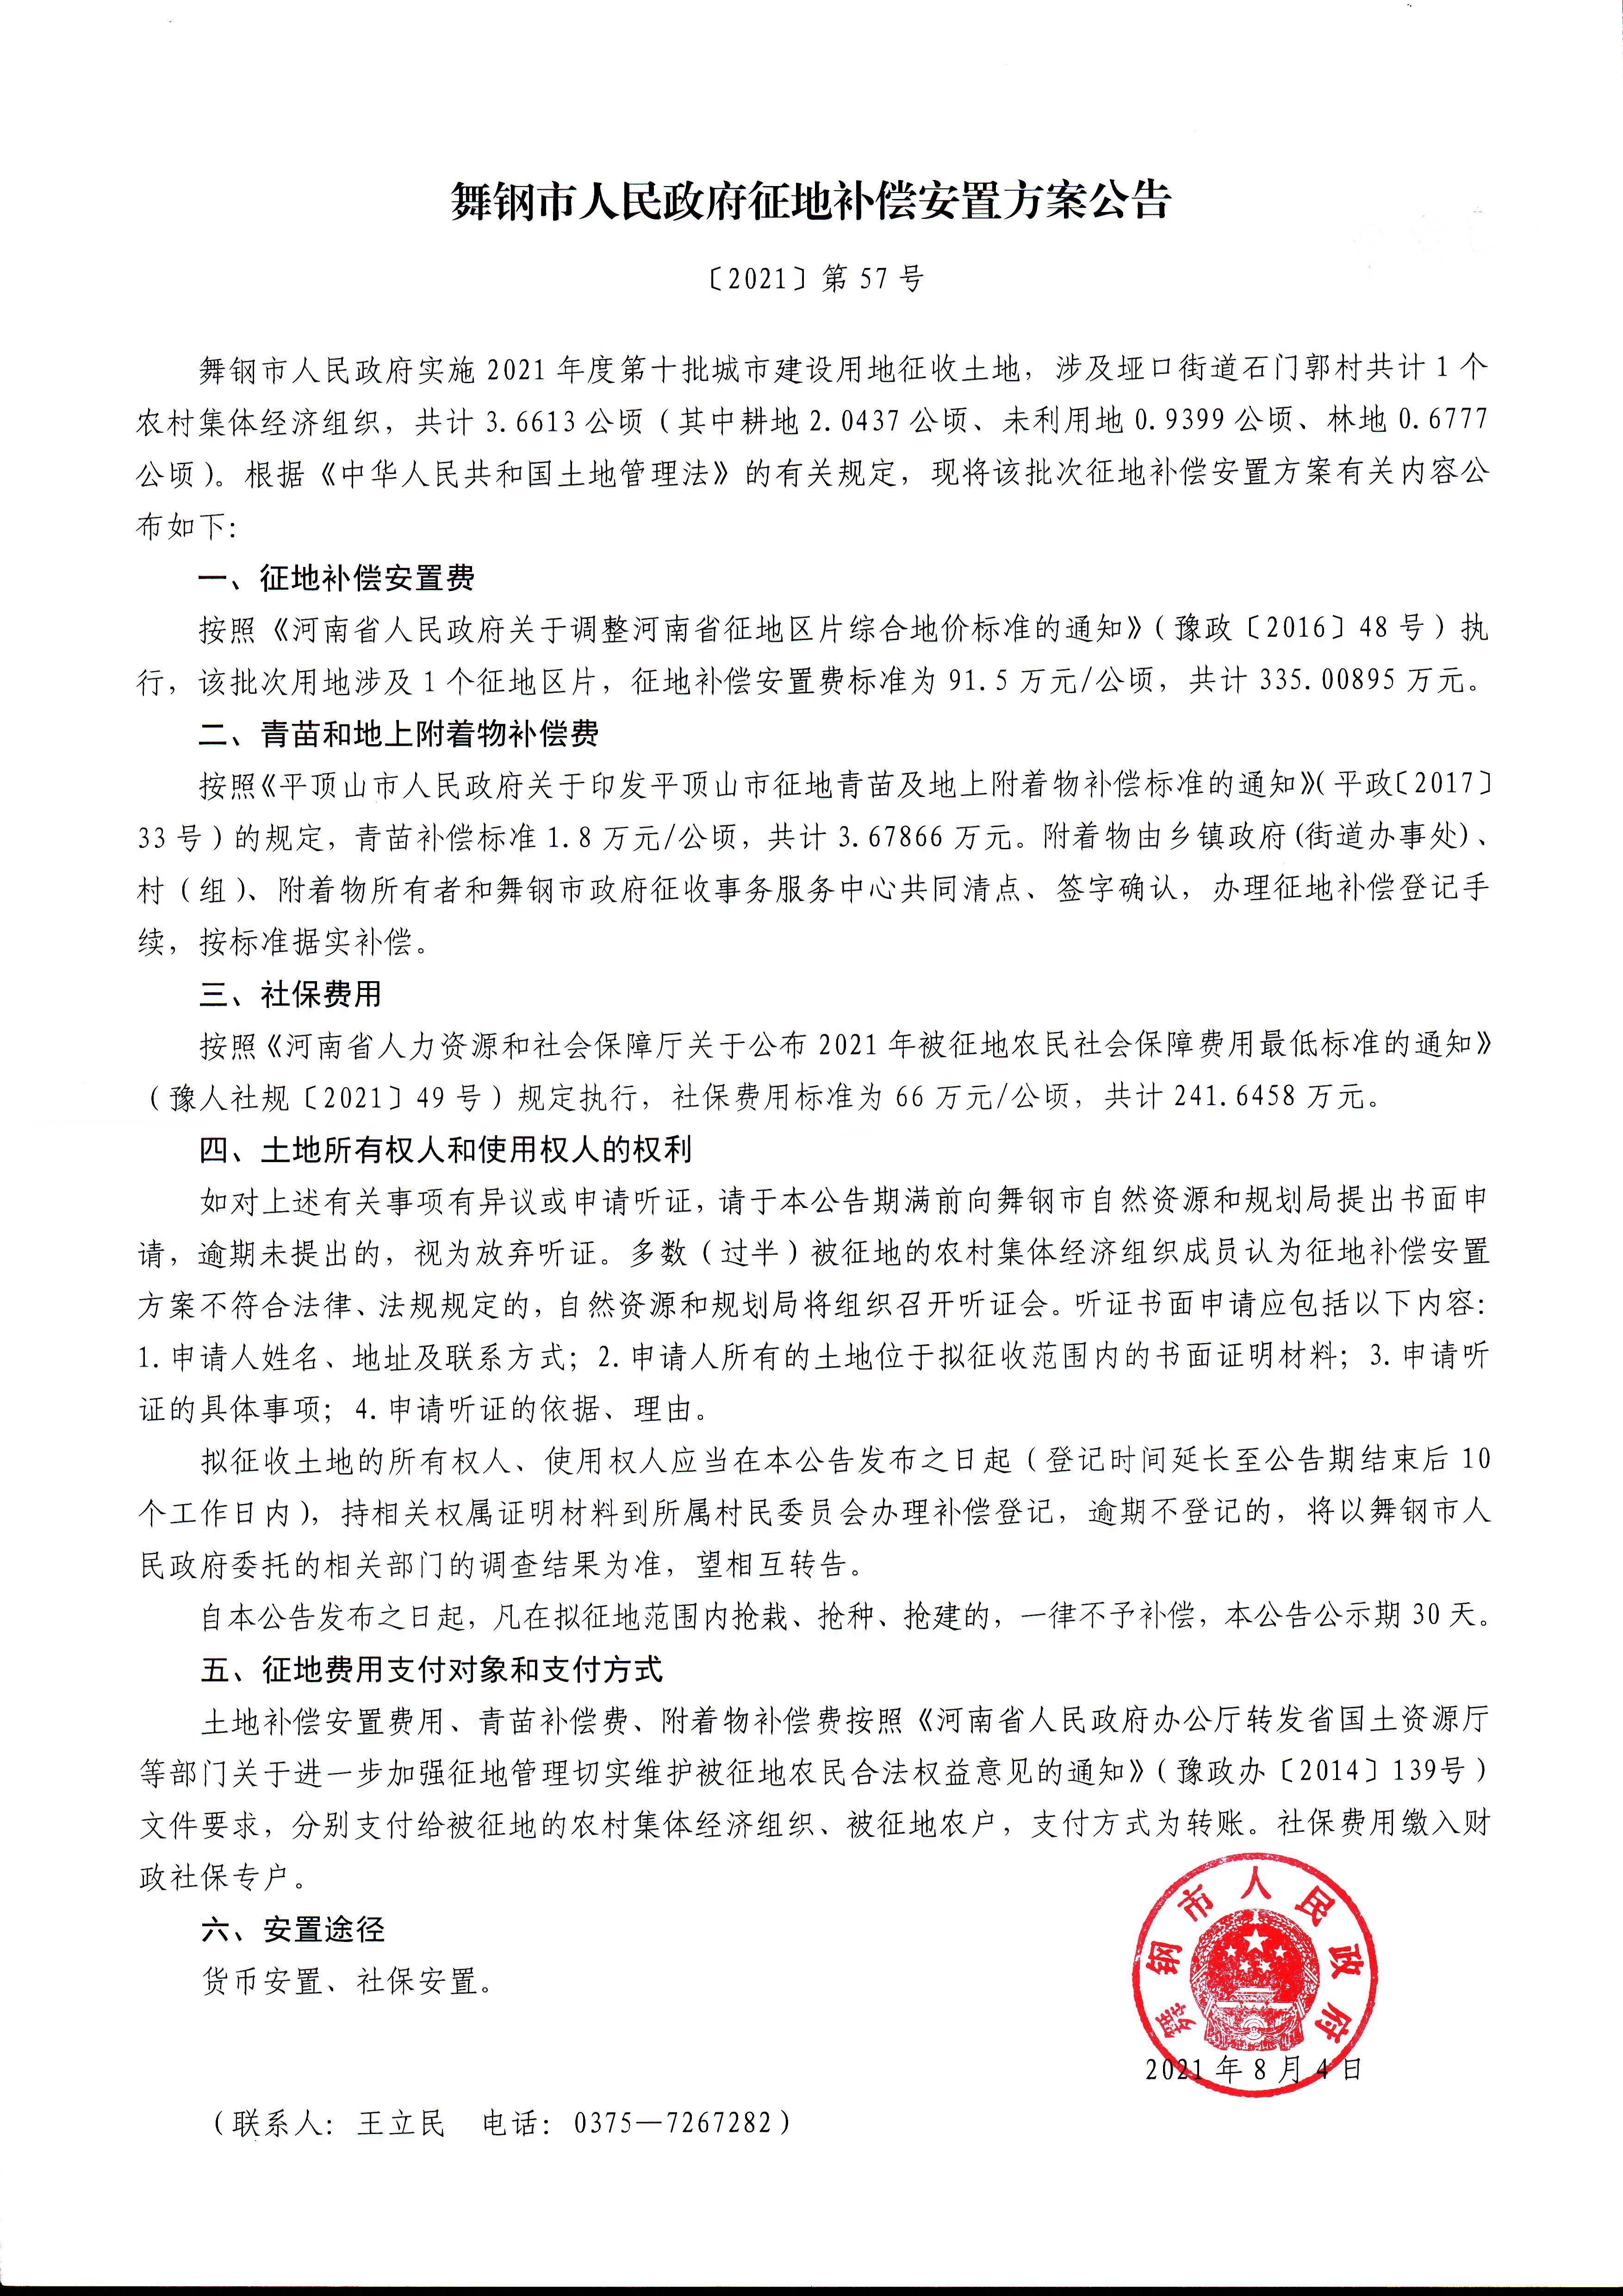 2021第57号舞钢市人民政府征地补偿安置方案公告.jpg